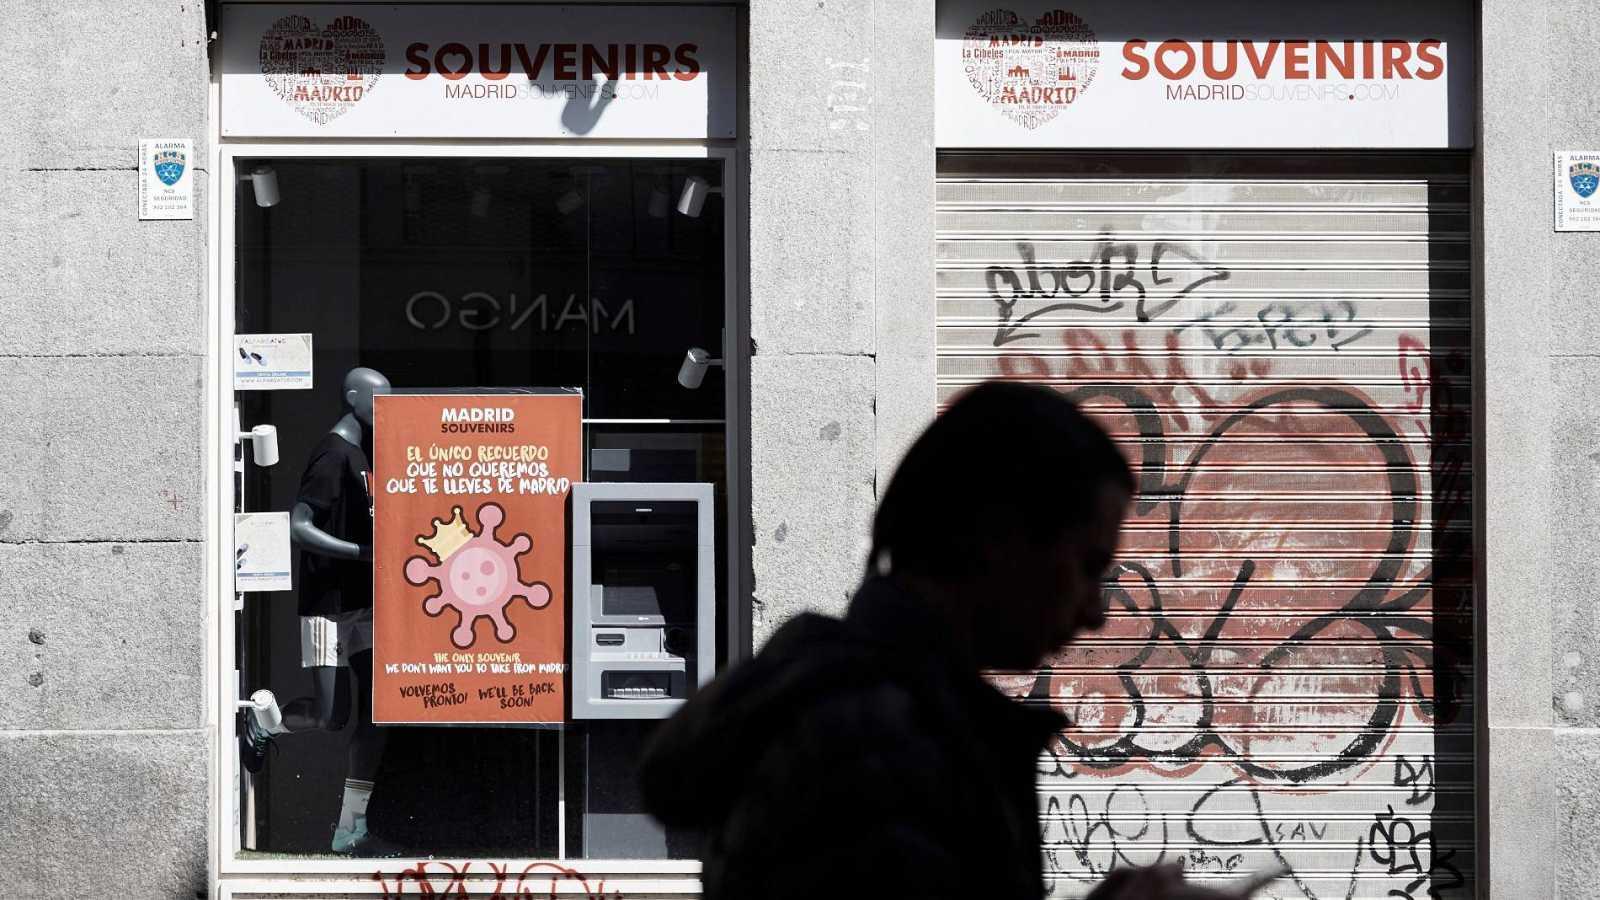 Una persona pasa delante de un establecimiento cerrado durante el estado de alarma en Madrid por la pandemia del coronavirus